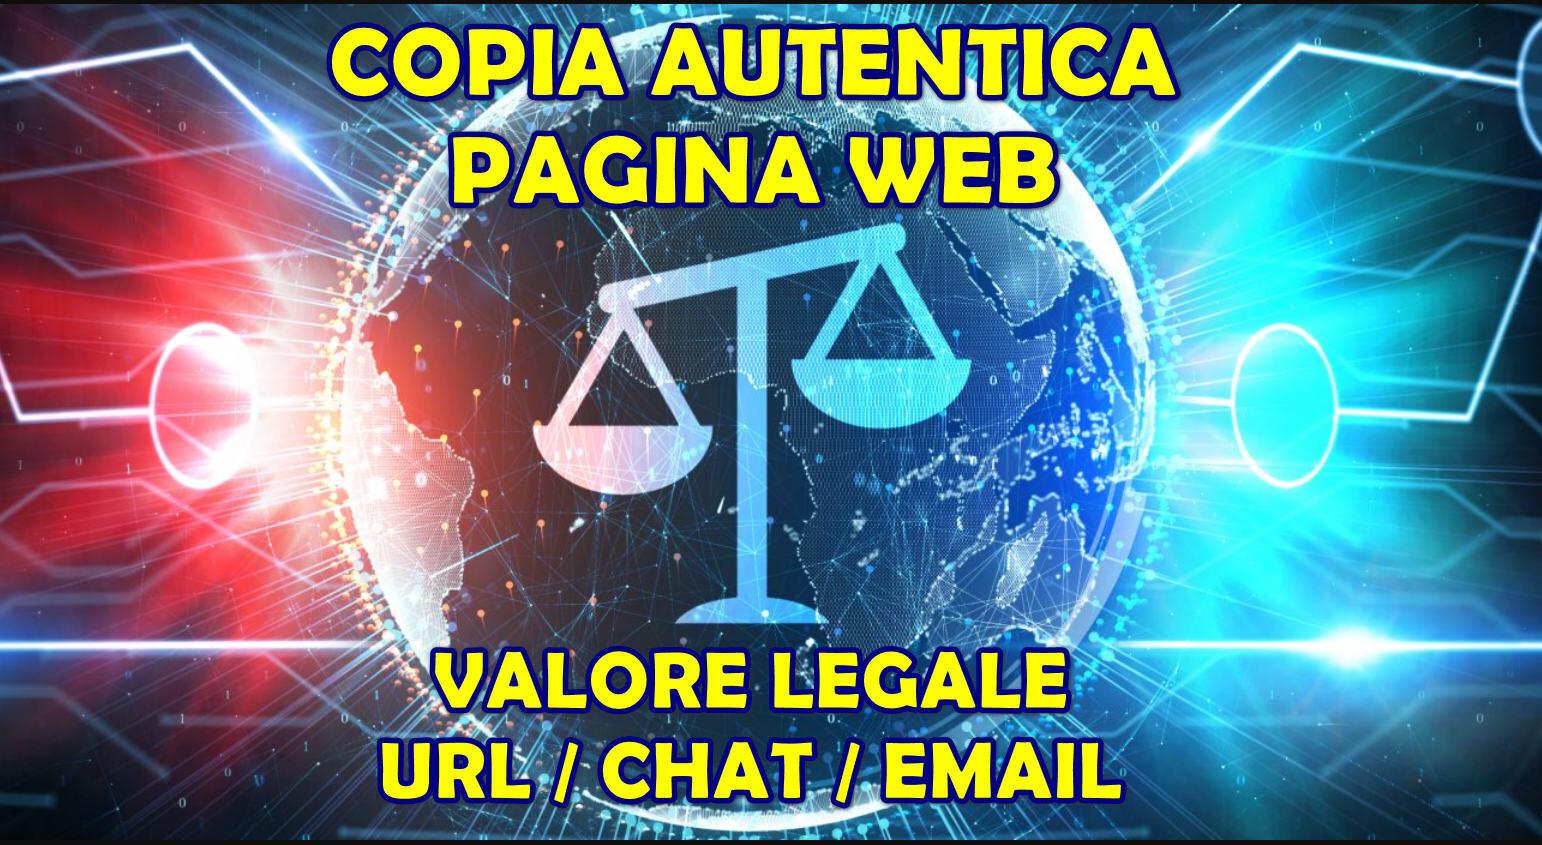 copia autentica pagina web